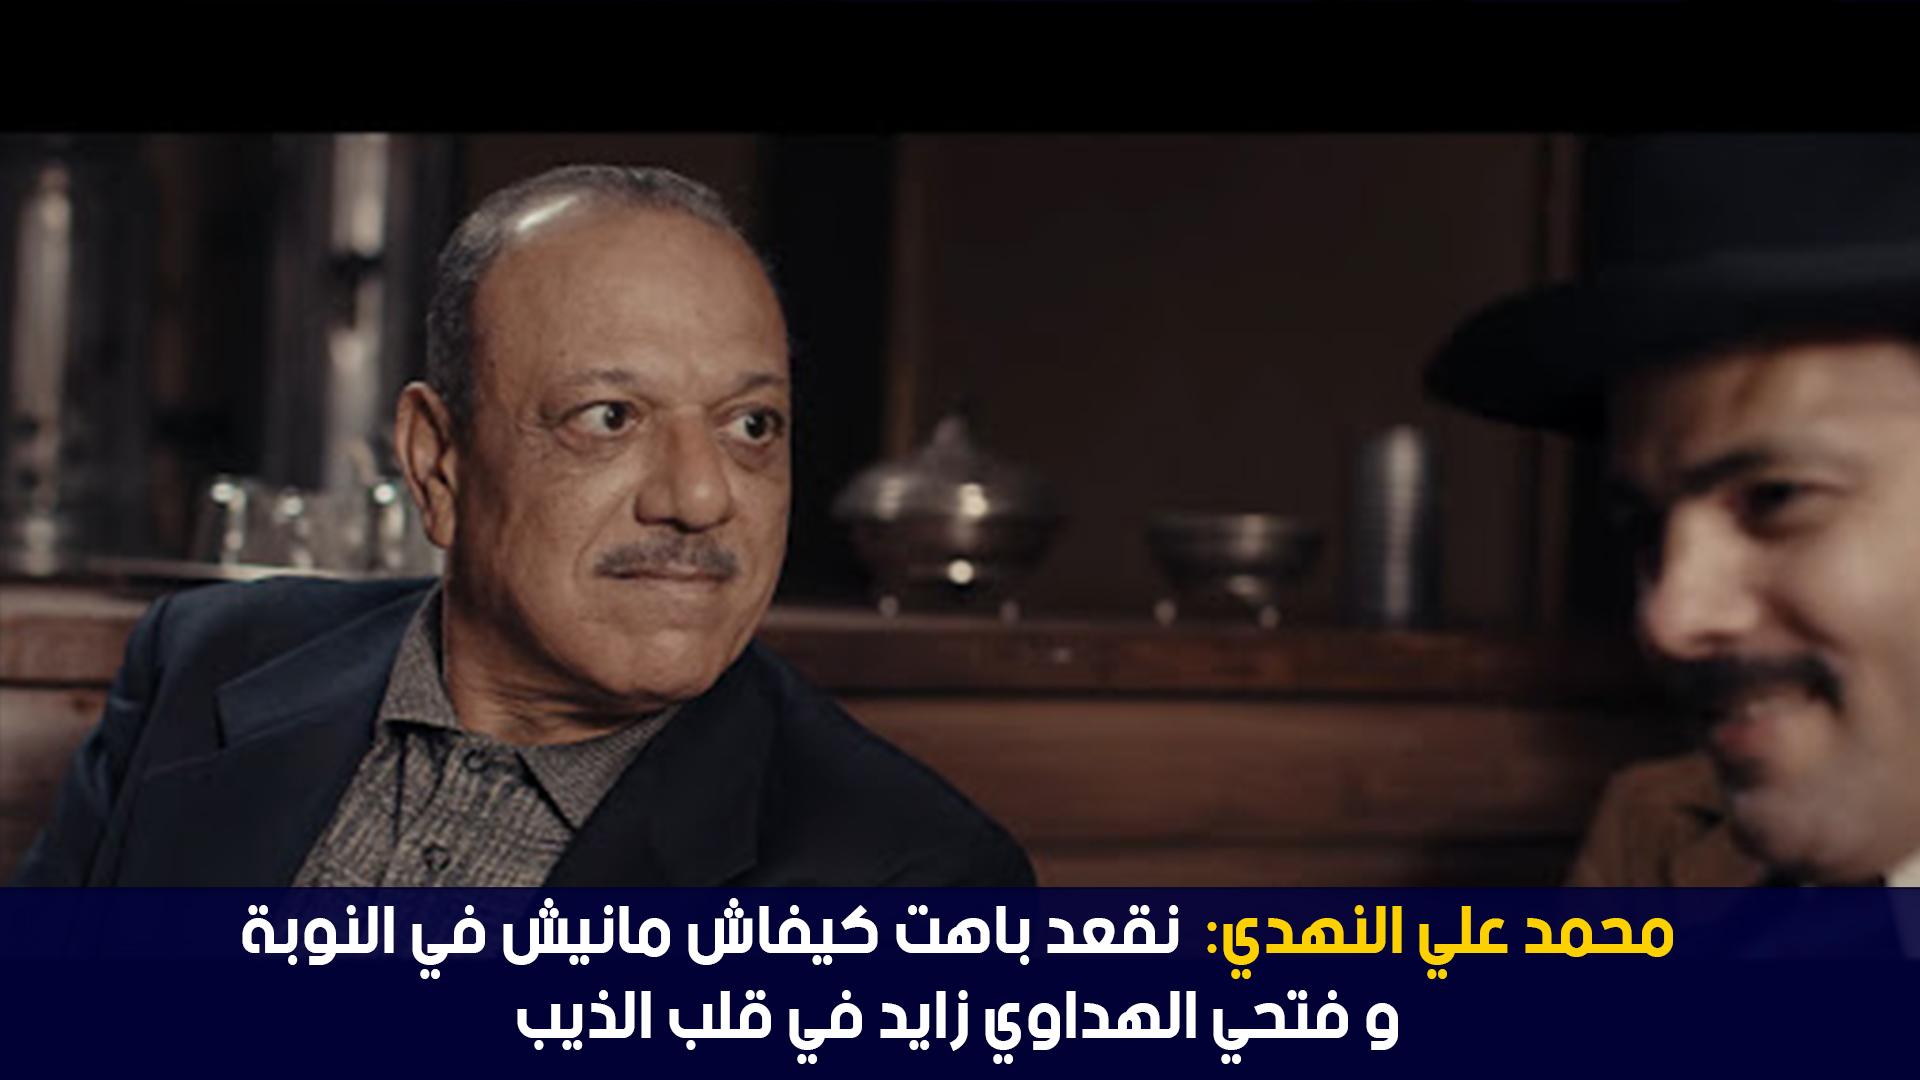 محمد علي النهدي: نقعد باهت كيفاش مانيش في النوبة و فتحي الهداوي زايد في قلب الذيب